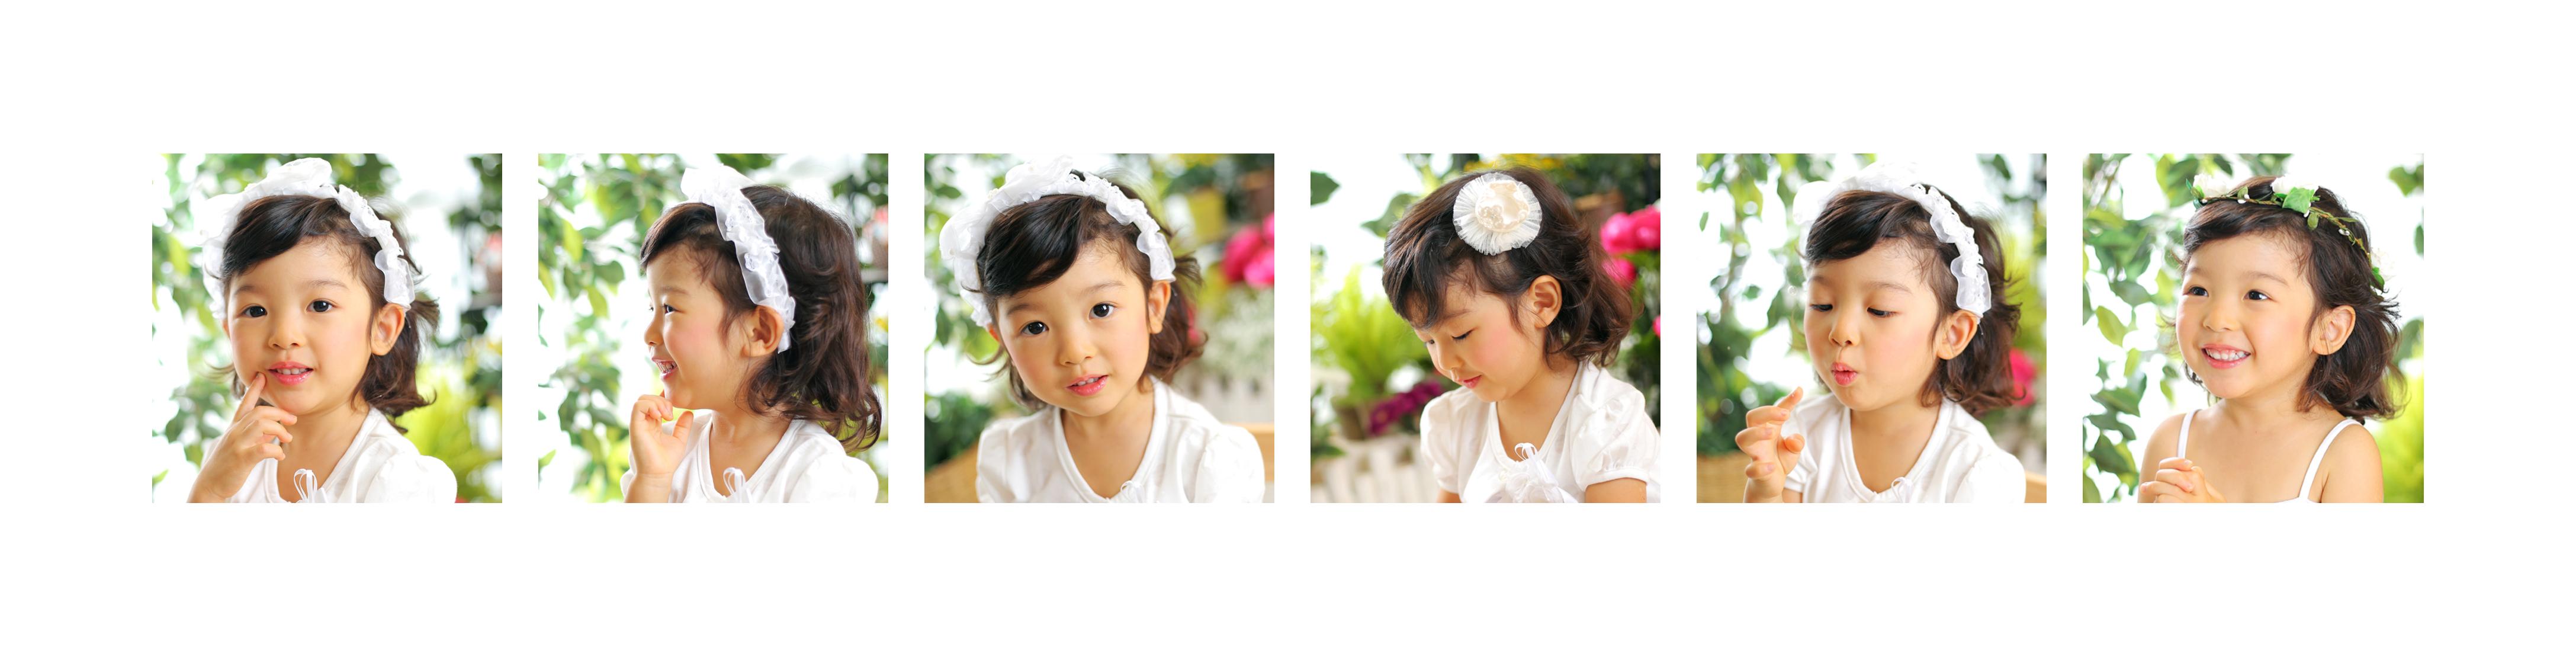 littletree junior53.jpg